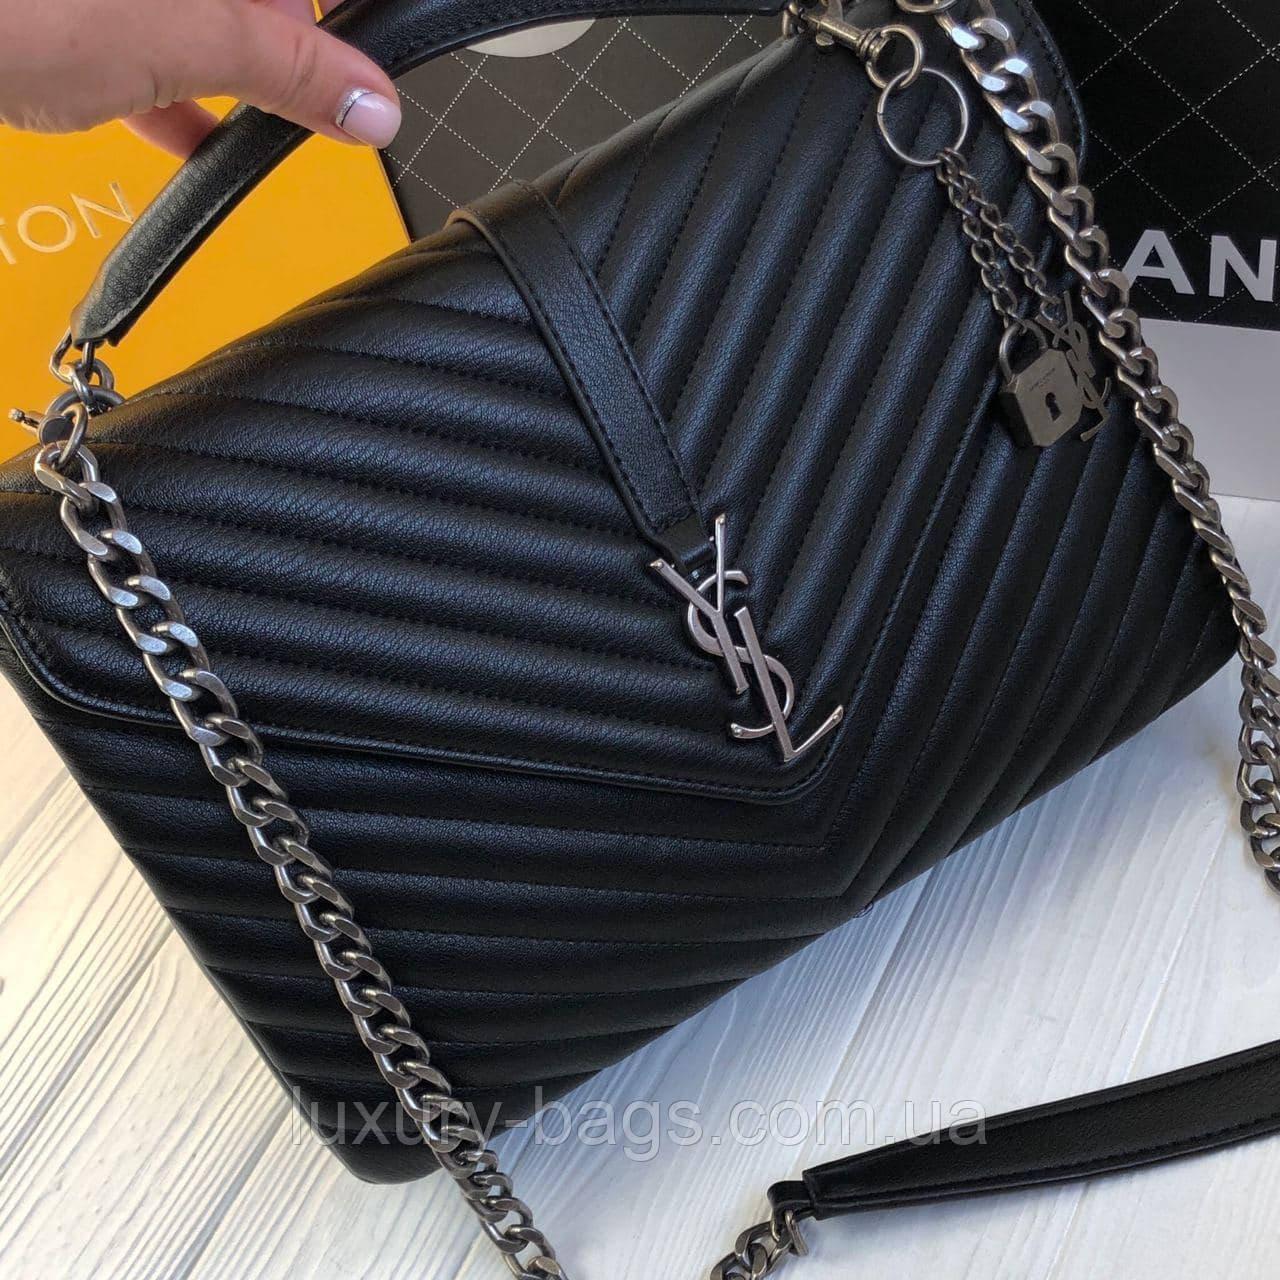 Жіноча велика сумка Yves Saint Laurent YSL